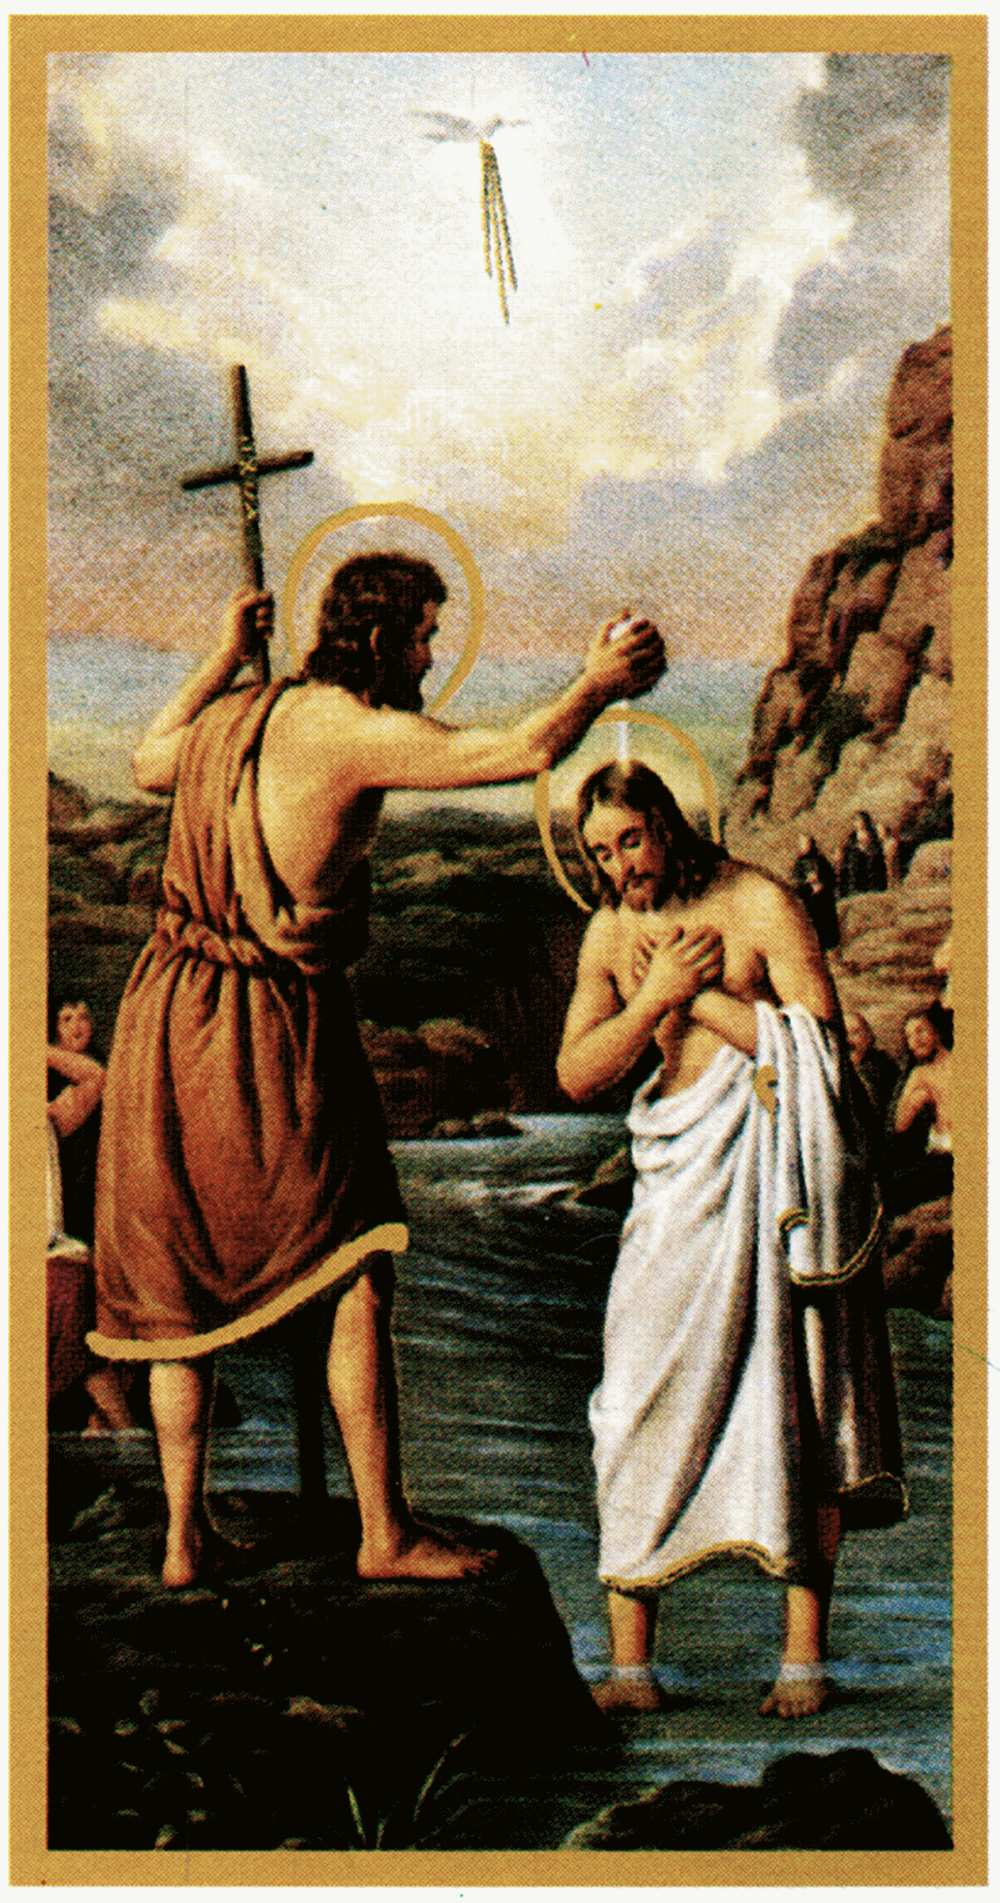 2_kep-jezus_megkeresztelese_szentkep_uj_j_opti.jpg